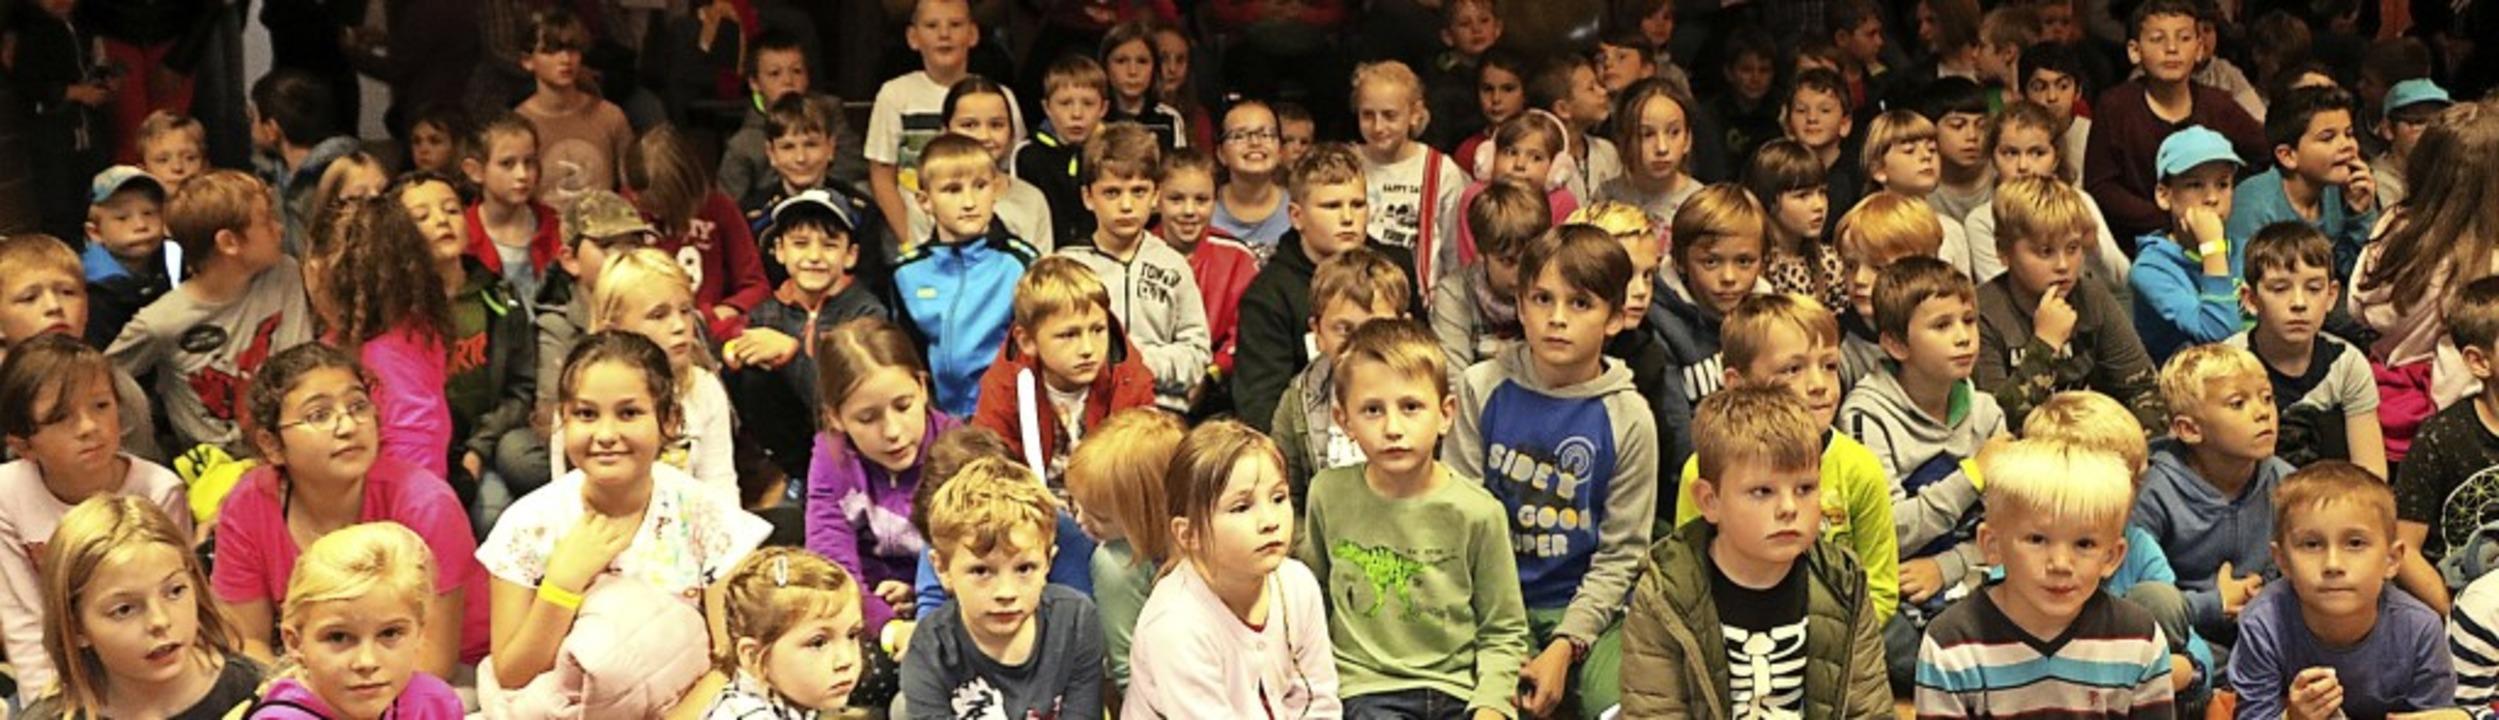 Begeistert lauschten etwa 150 Kinder d...anet mit Leben gefüllt werden könnte.   | Foto: Martha Weishaar